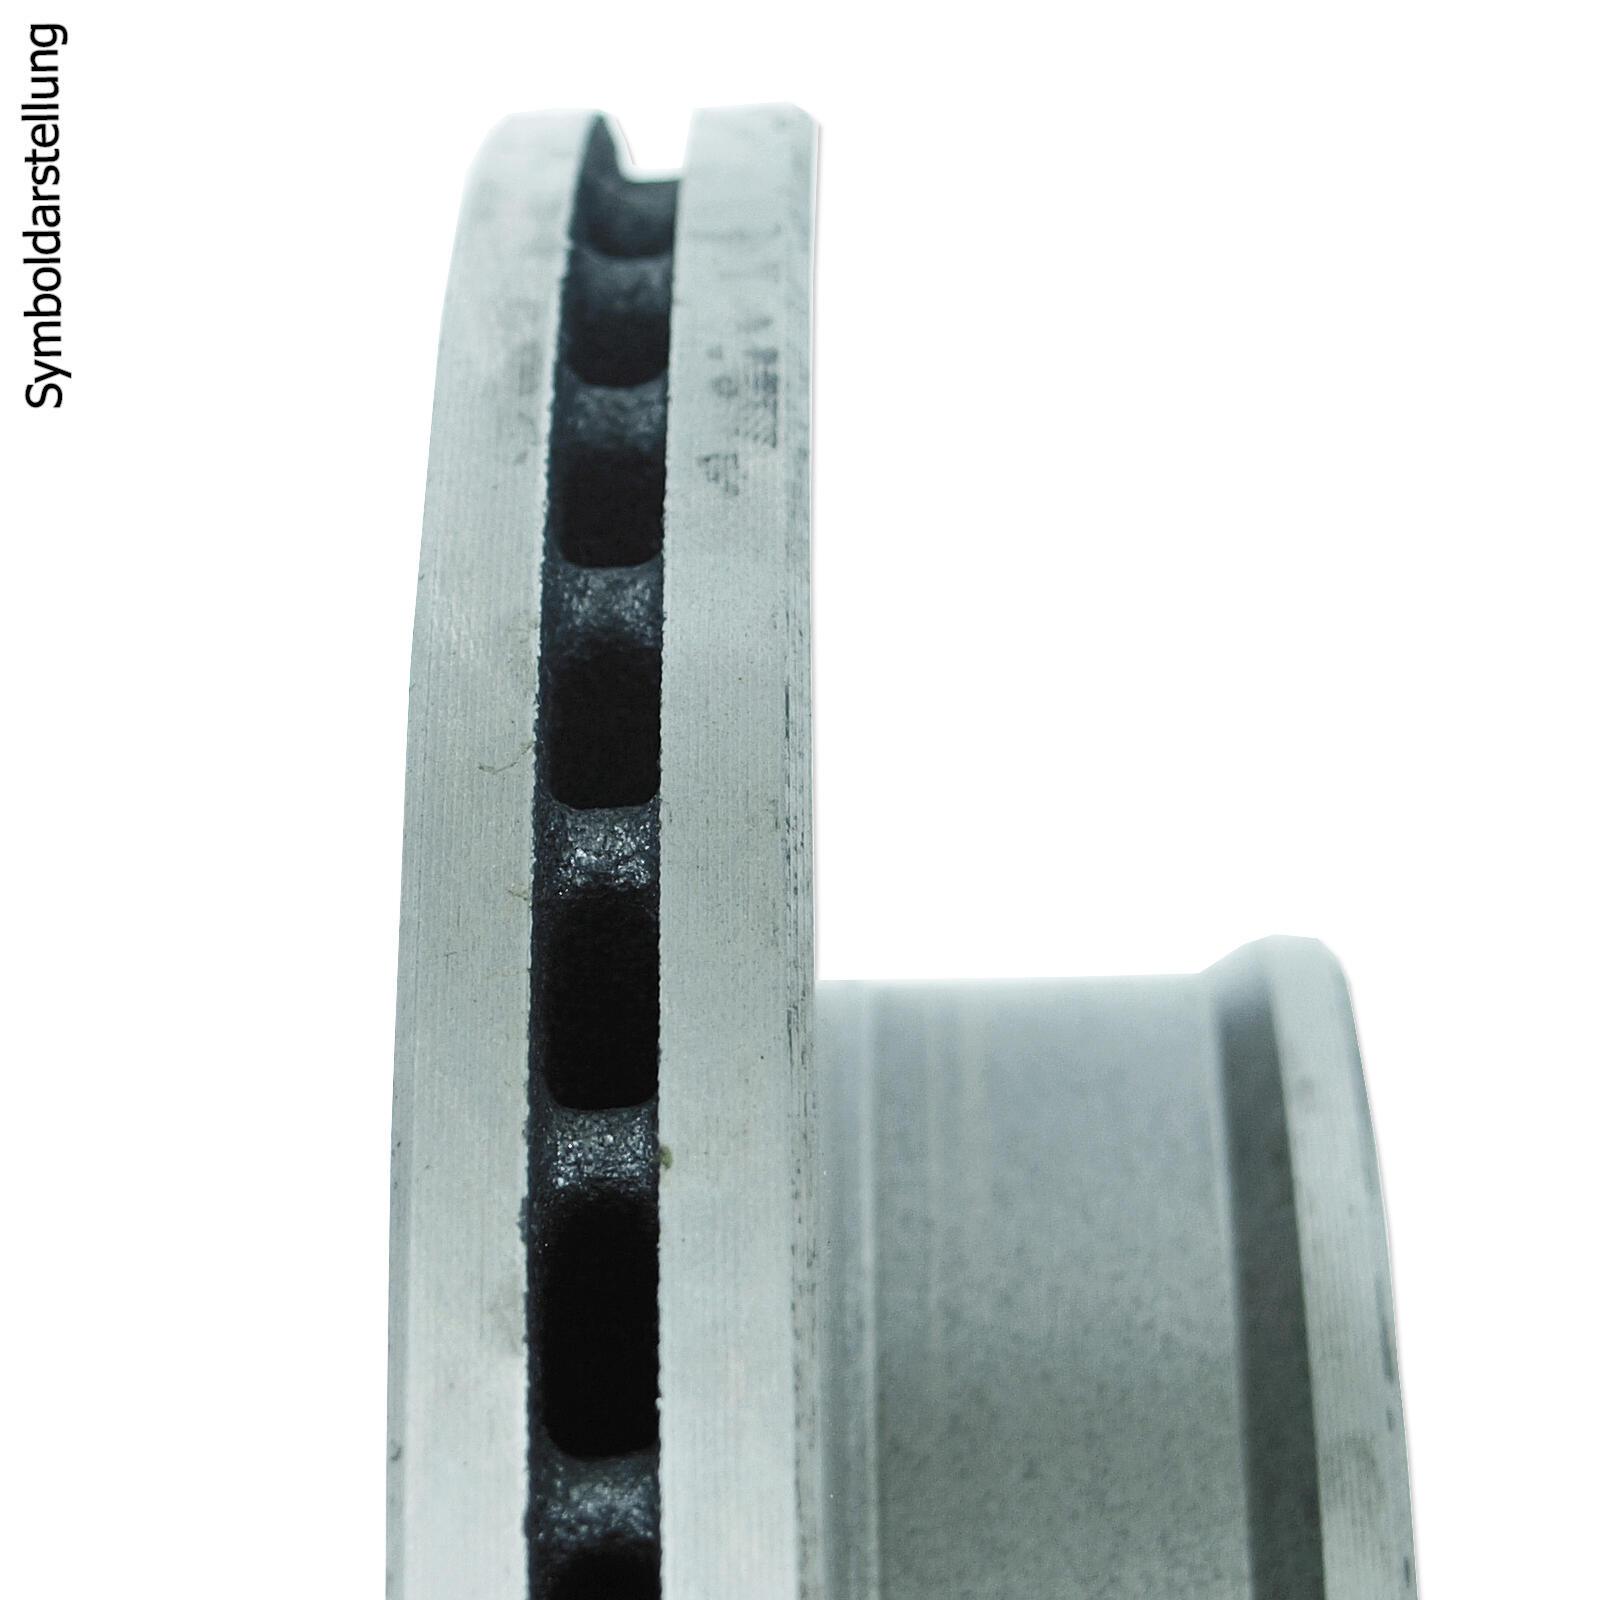 BREMSCHEIBEN 288mm/282mm + BREMSBELÄGE